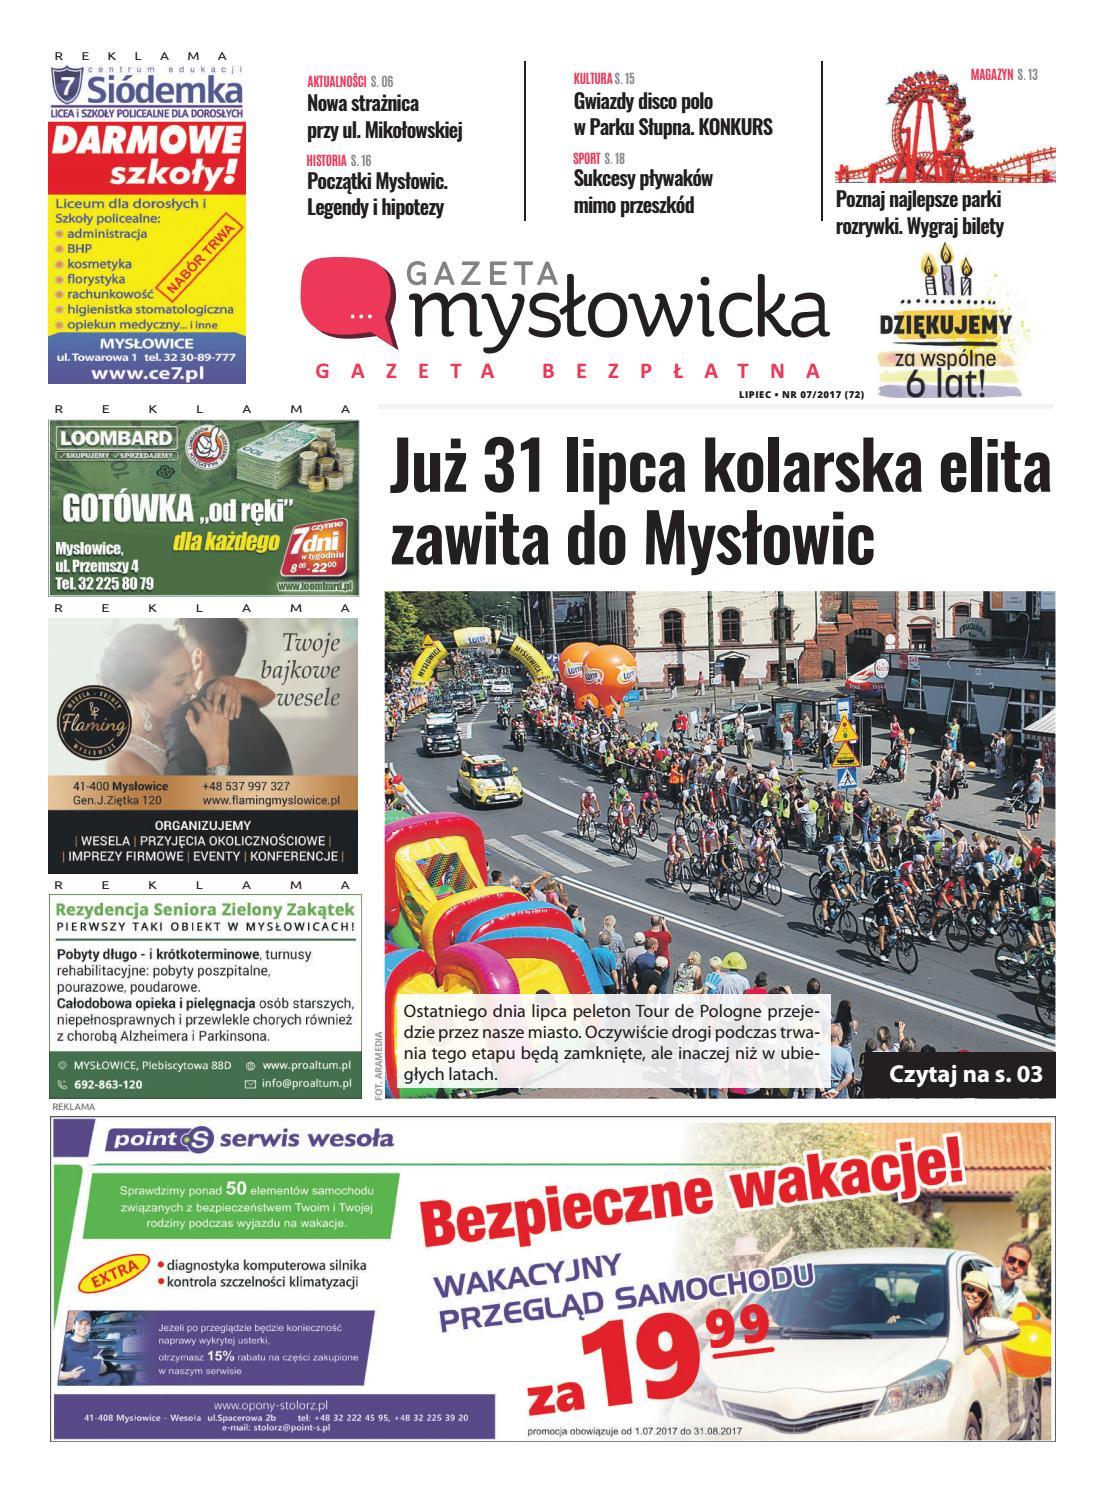 Komputerowe dorabianie kluczy - - - Warszawa - ilctc.org